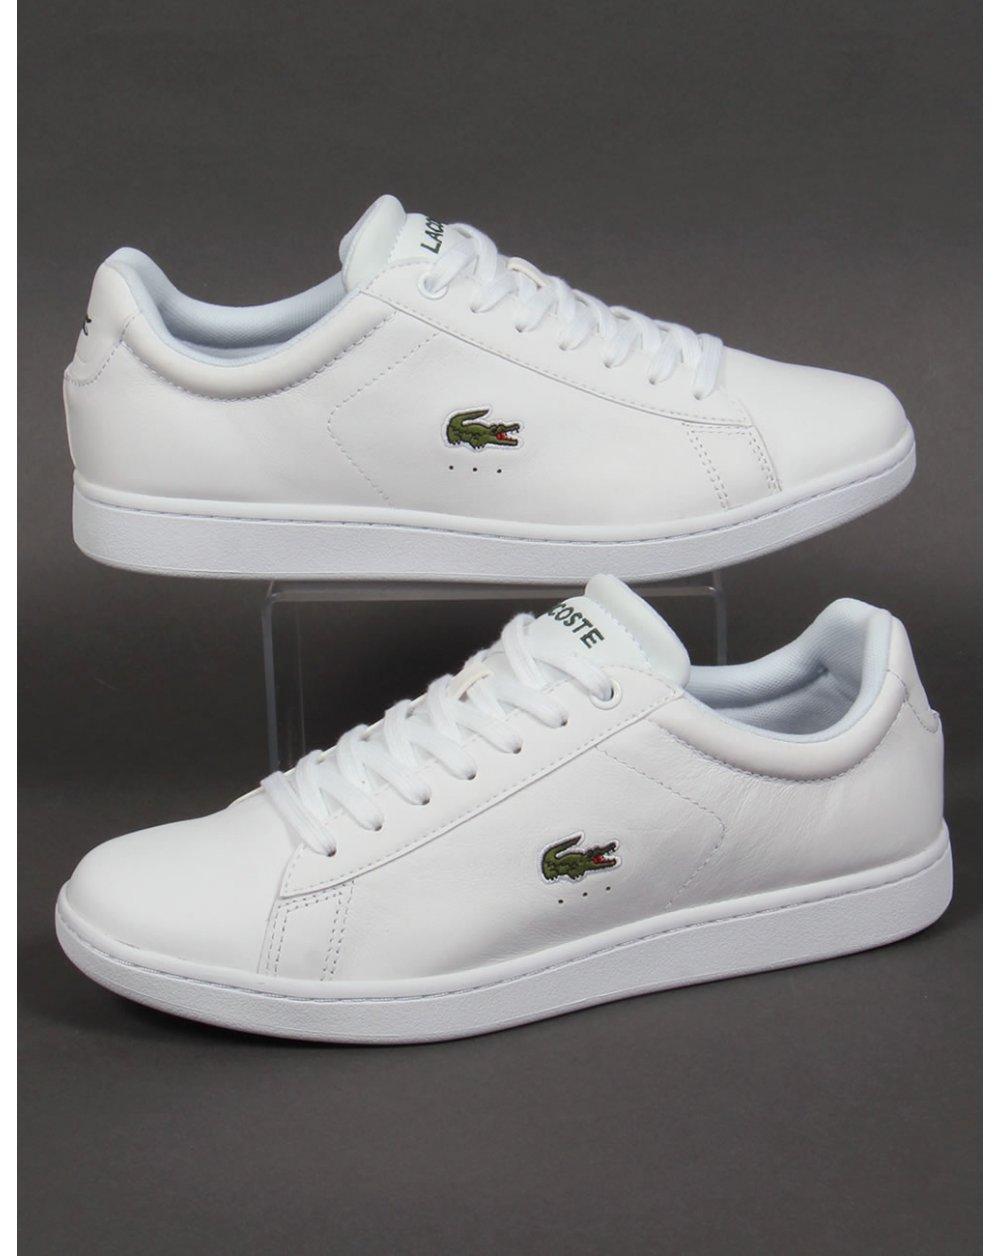 Croc Tennis Shoes Mens